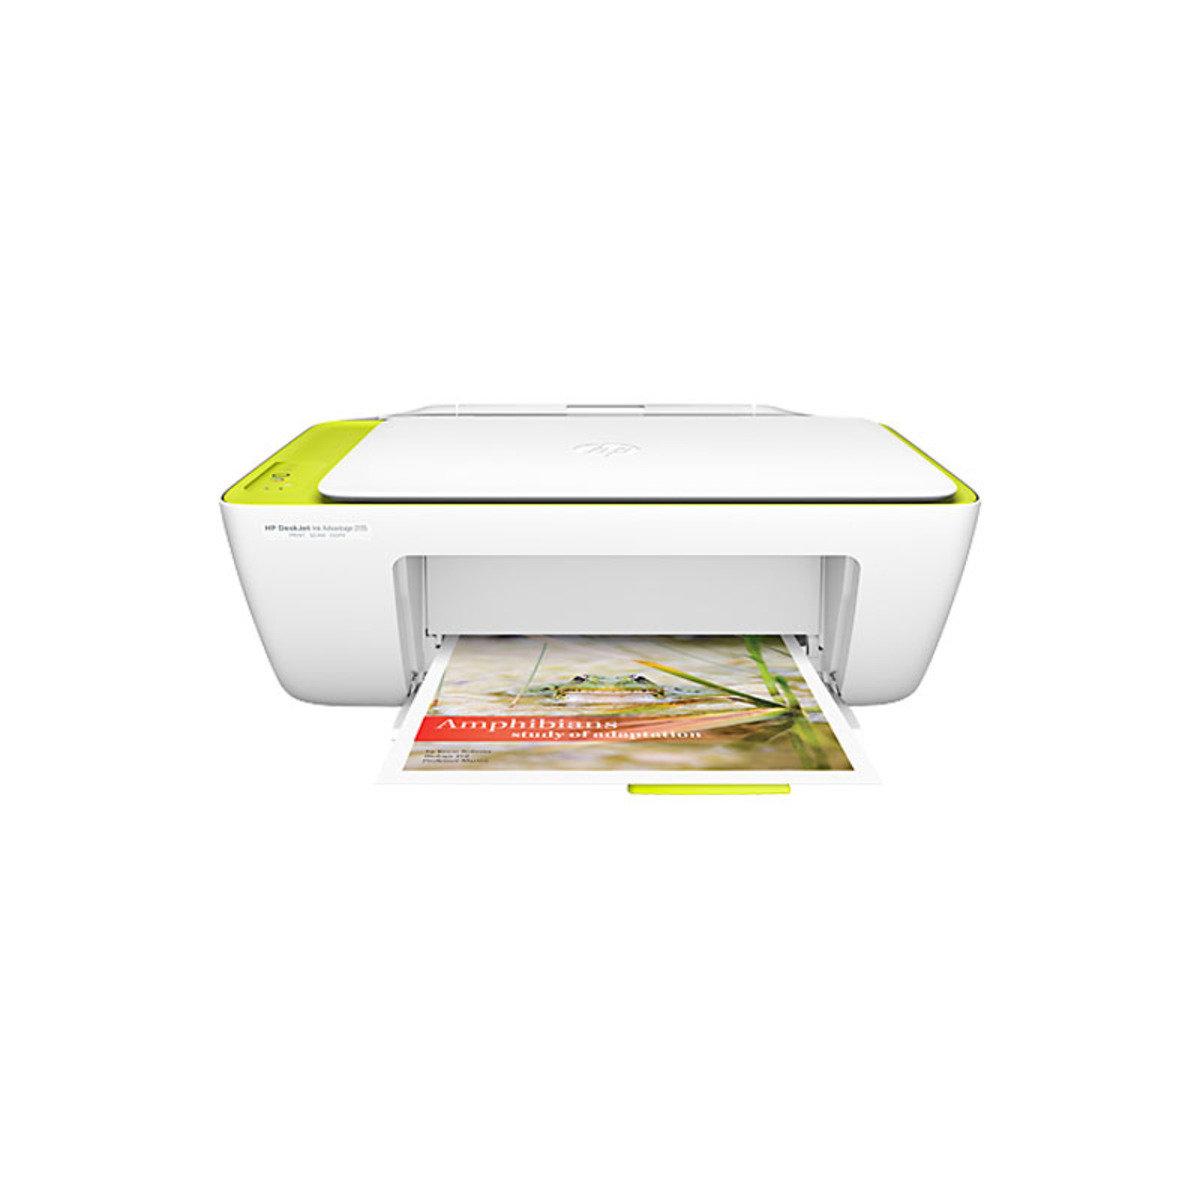 相片噴墨多功能影印機 Deskjet 2130